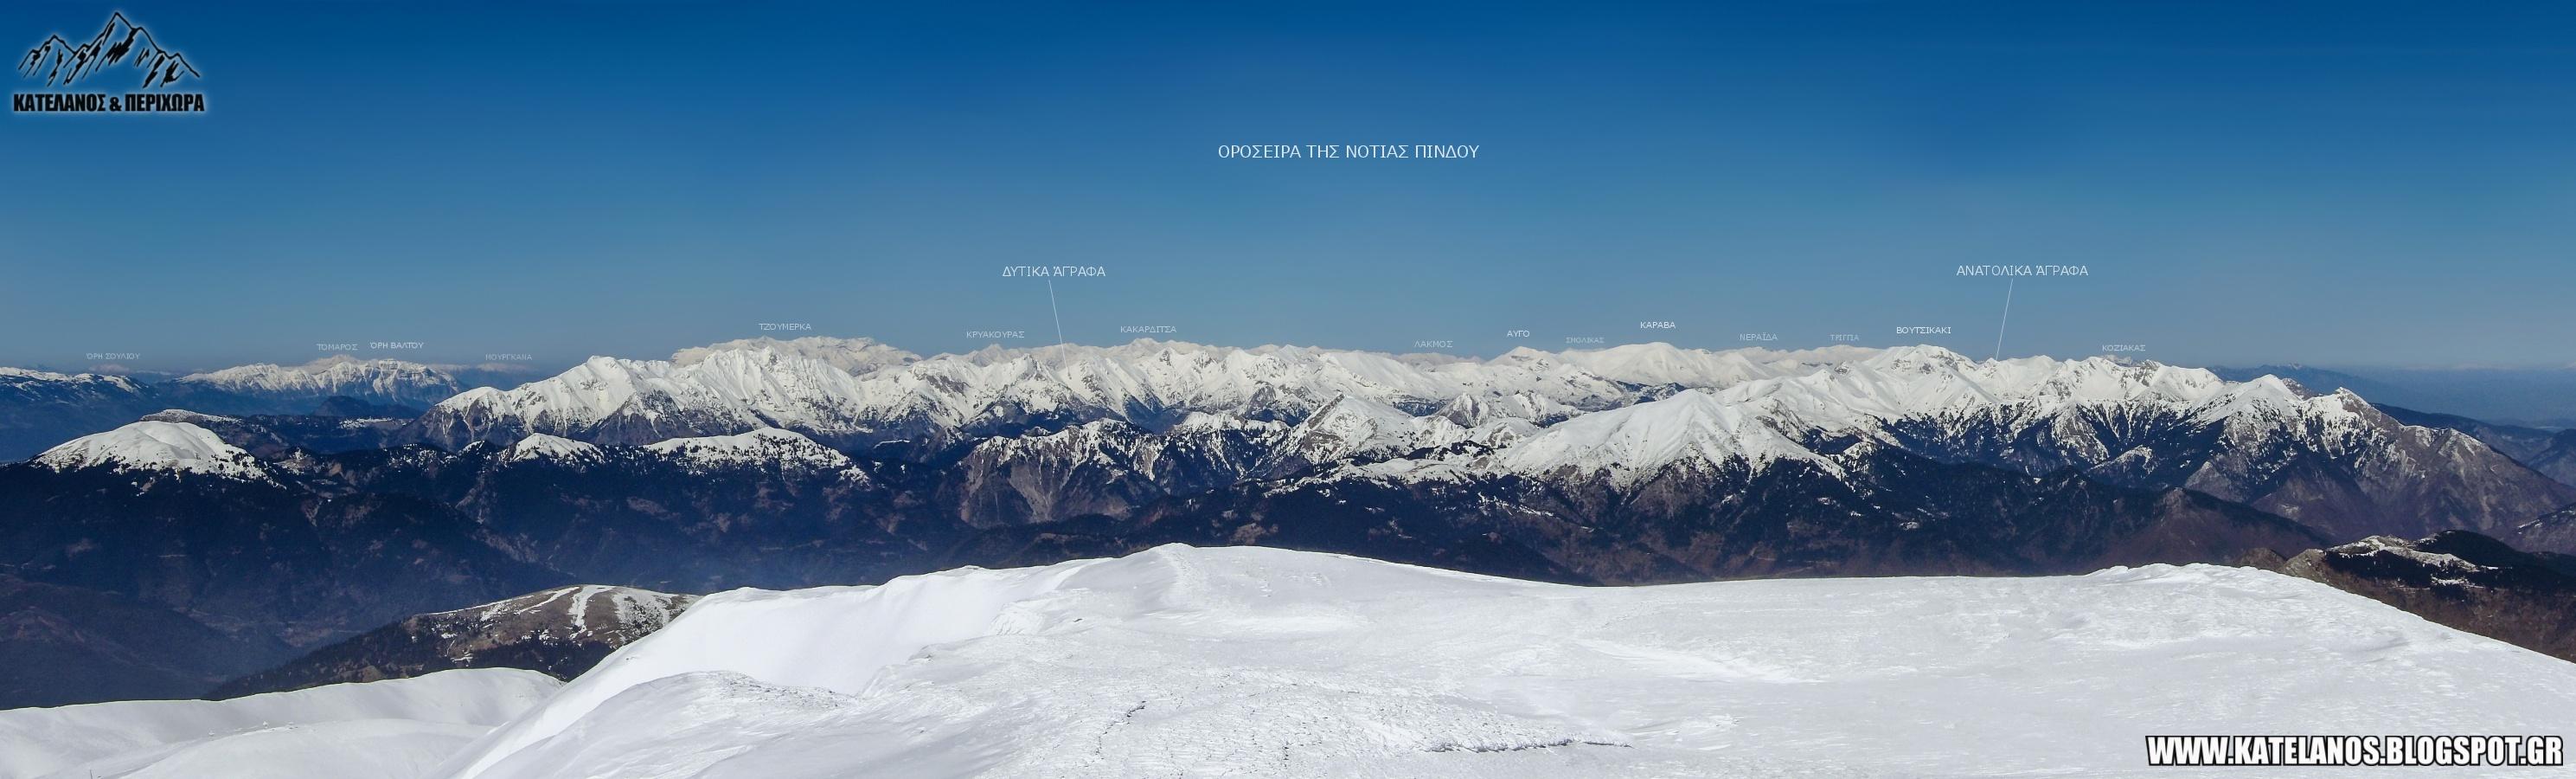 οροσειρα νοτιας πινδου πανόραμα